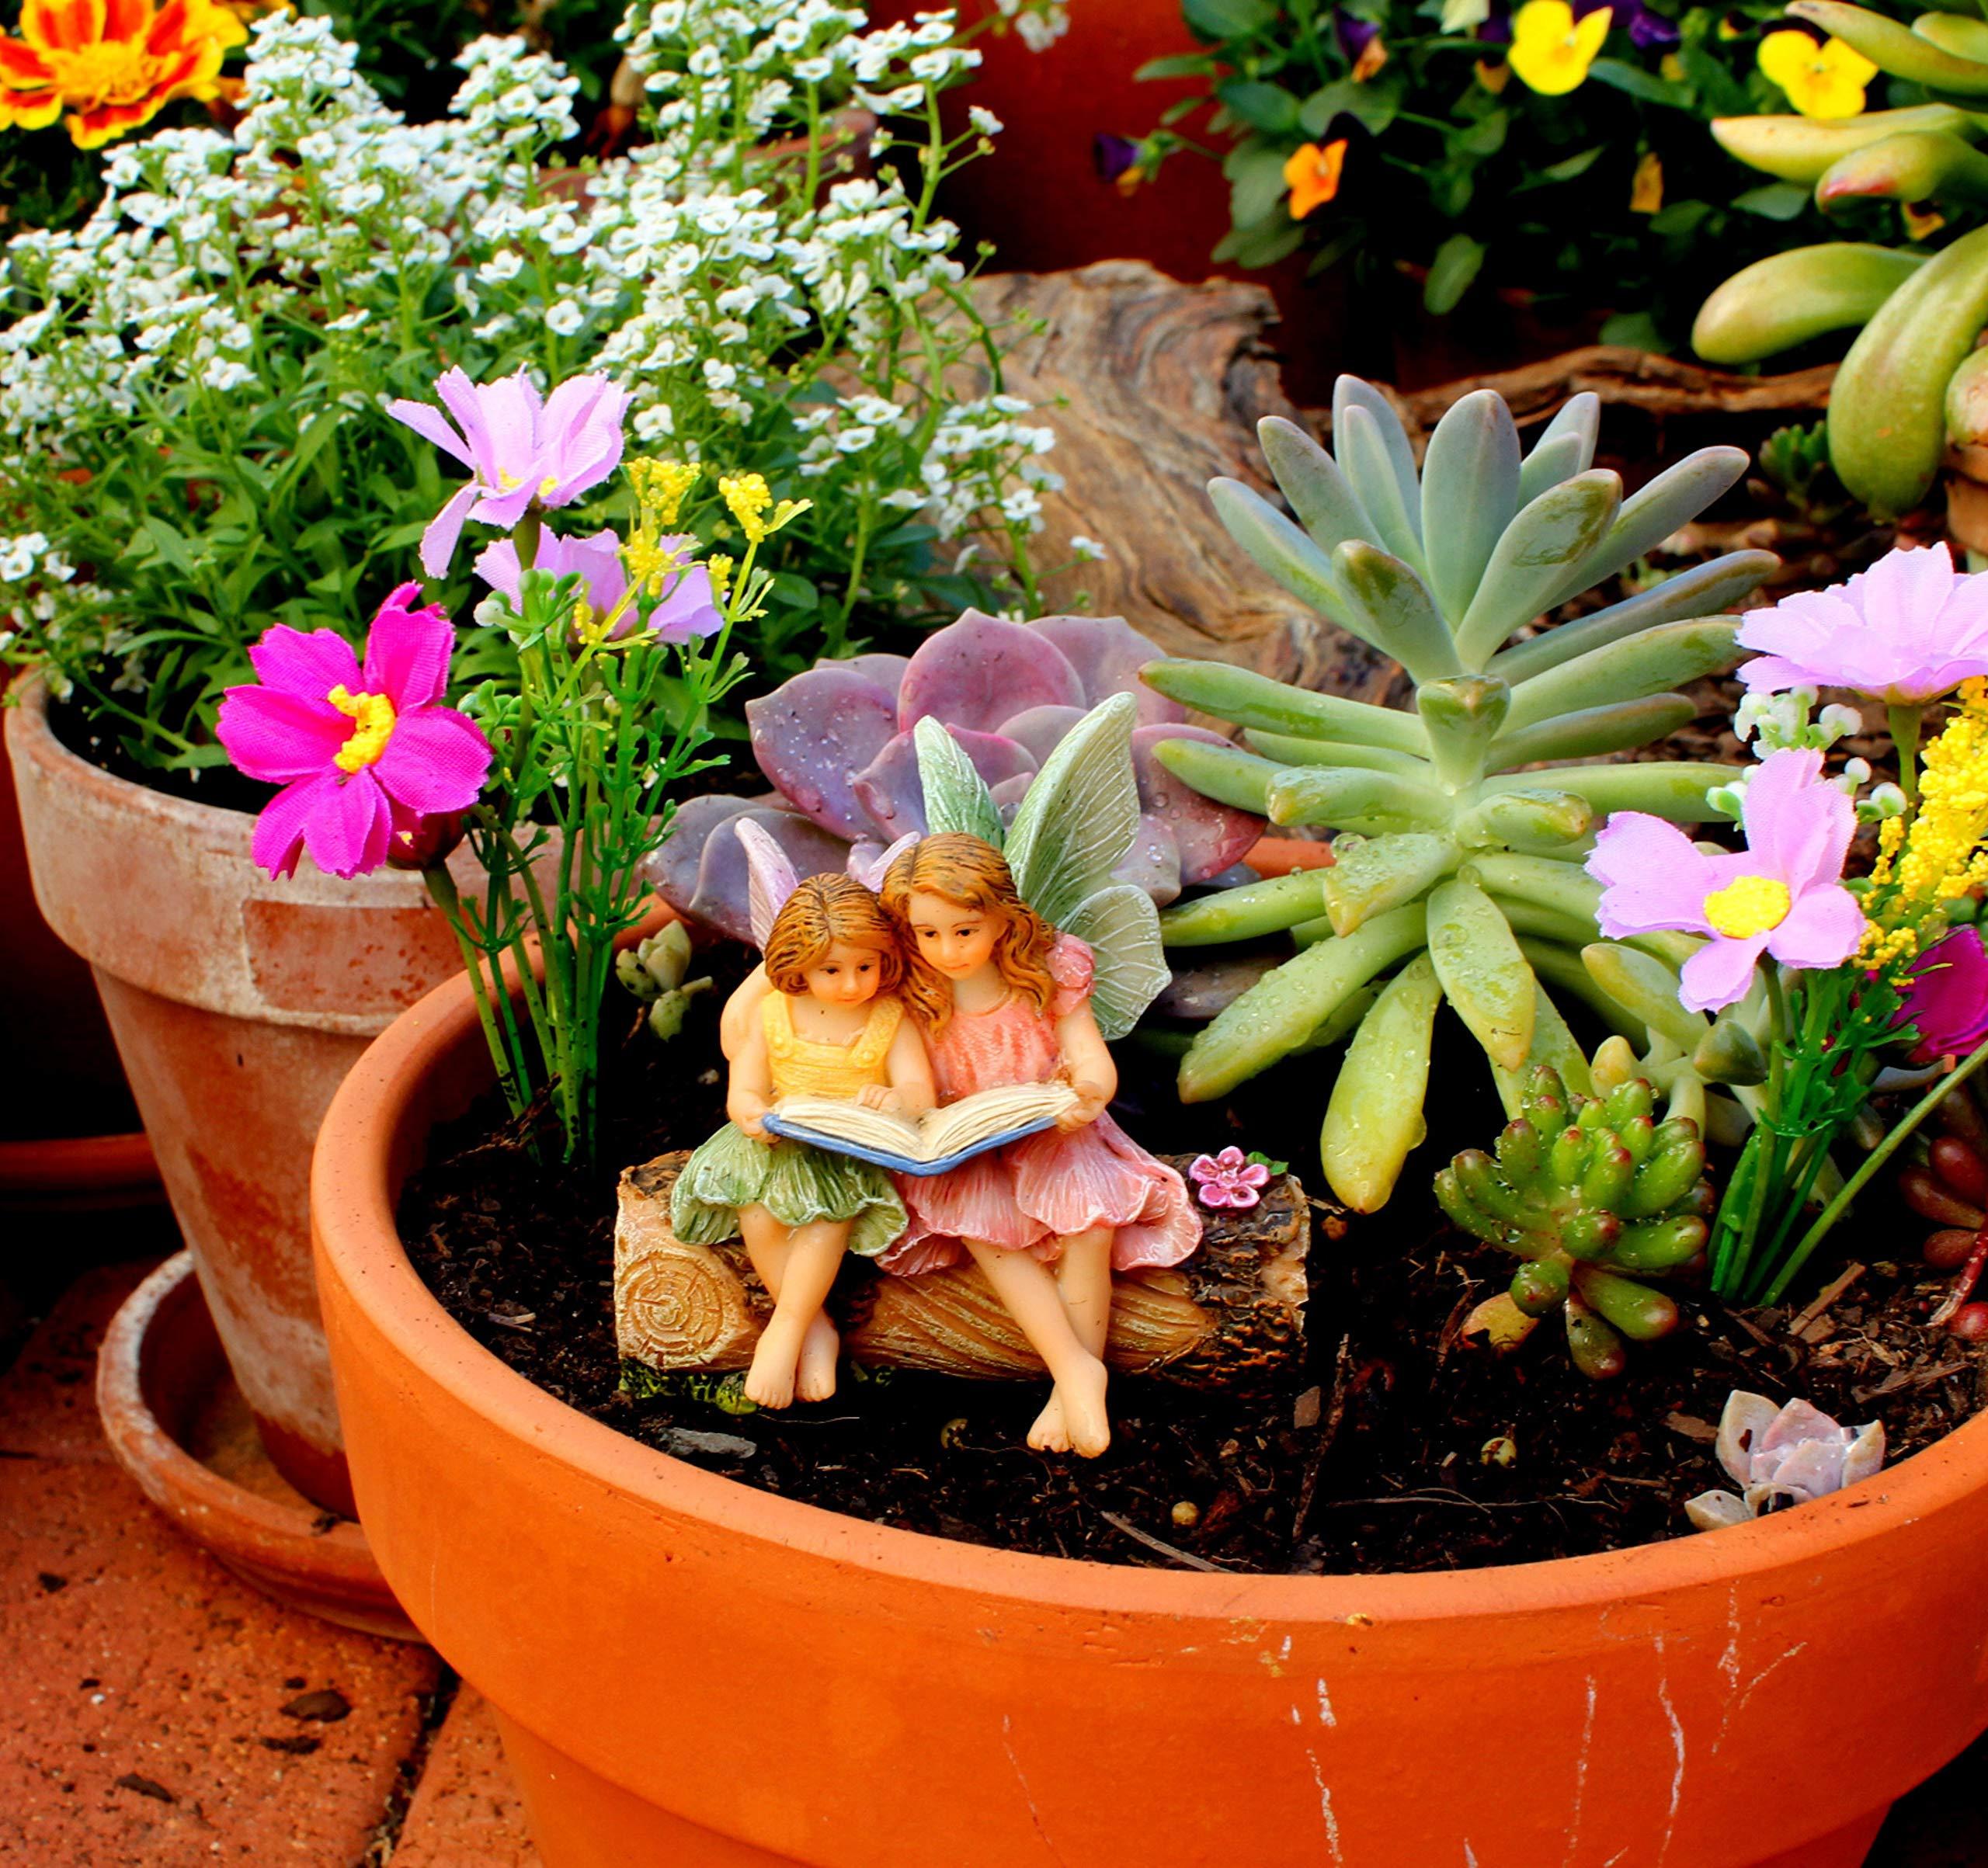 PRETMANNS Hadas de jardín de Hadas en Miniatura, 2 adorables Hadas sentadas en un Tronco Leyendo un Libro, Hadas de Tiempo de Historia, Suministros de jardín de Hadas, 1 Pieza: Amazon.es: Jardín